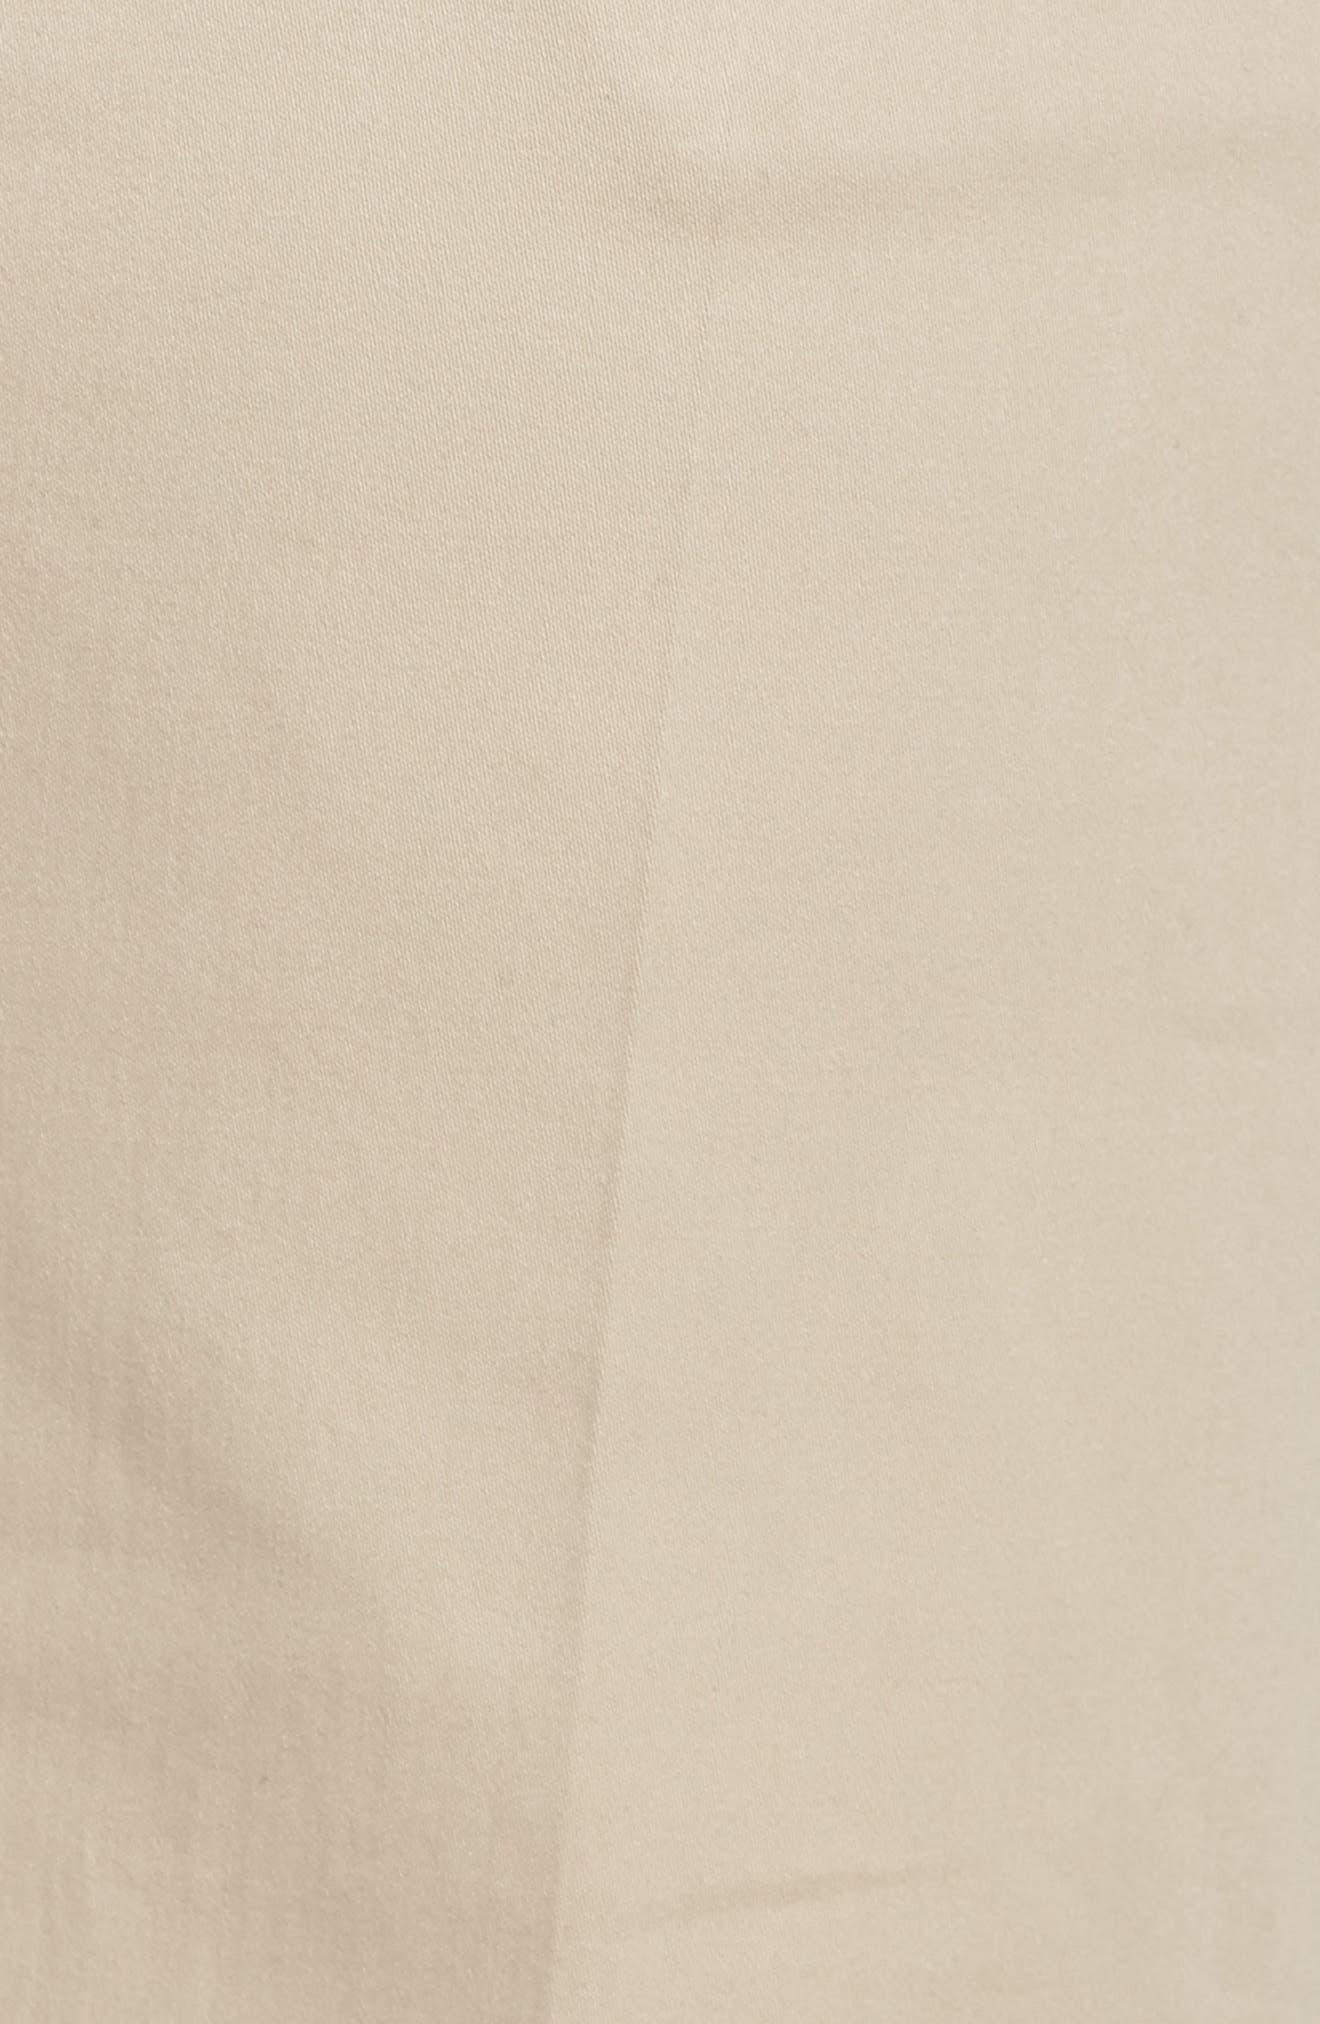 Crop Pants,                             Alternate thumbnail 6, color,                             259